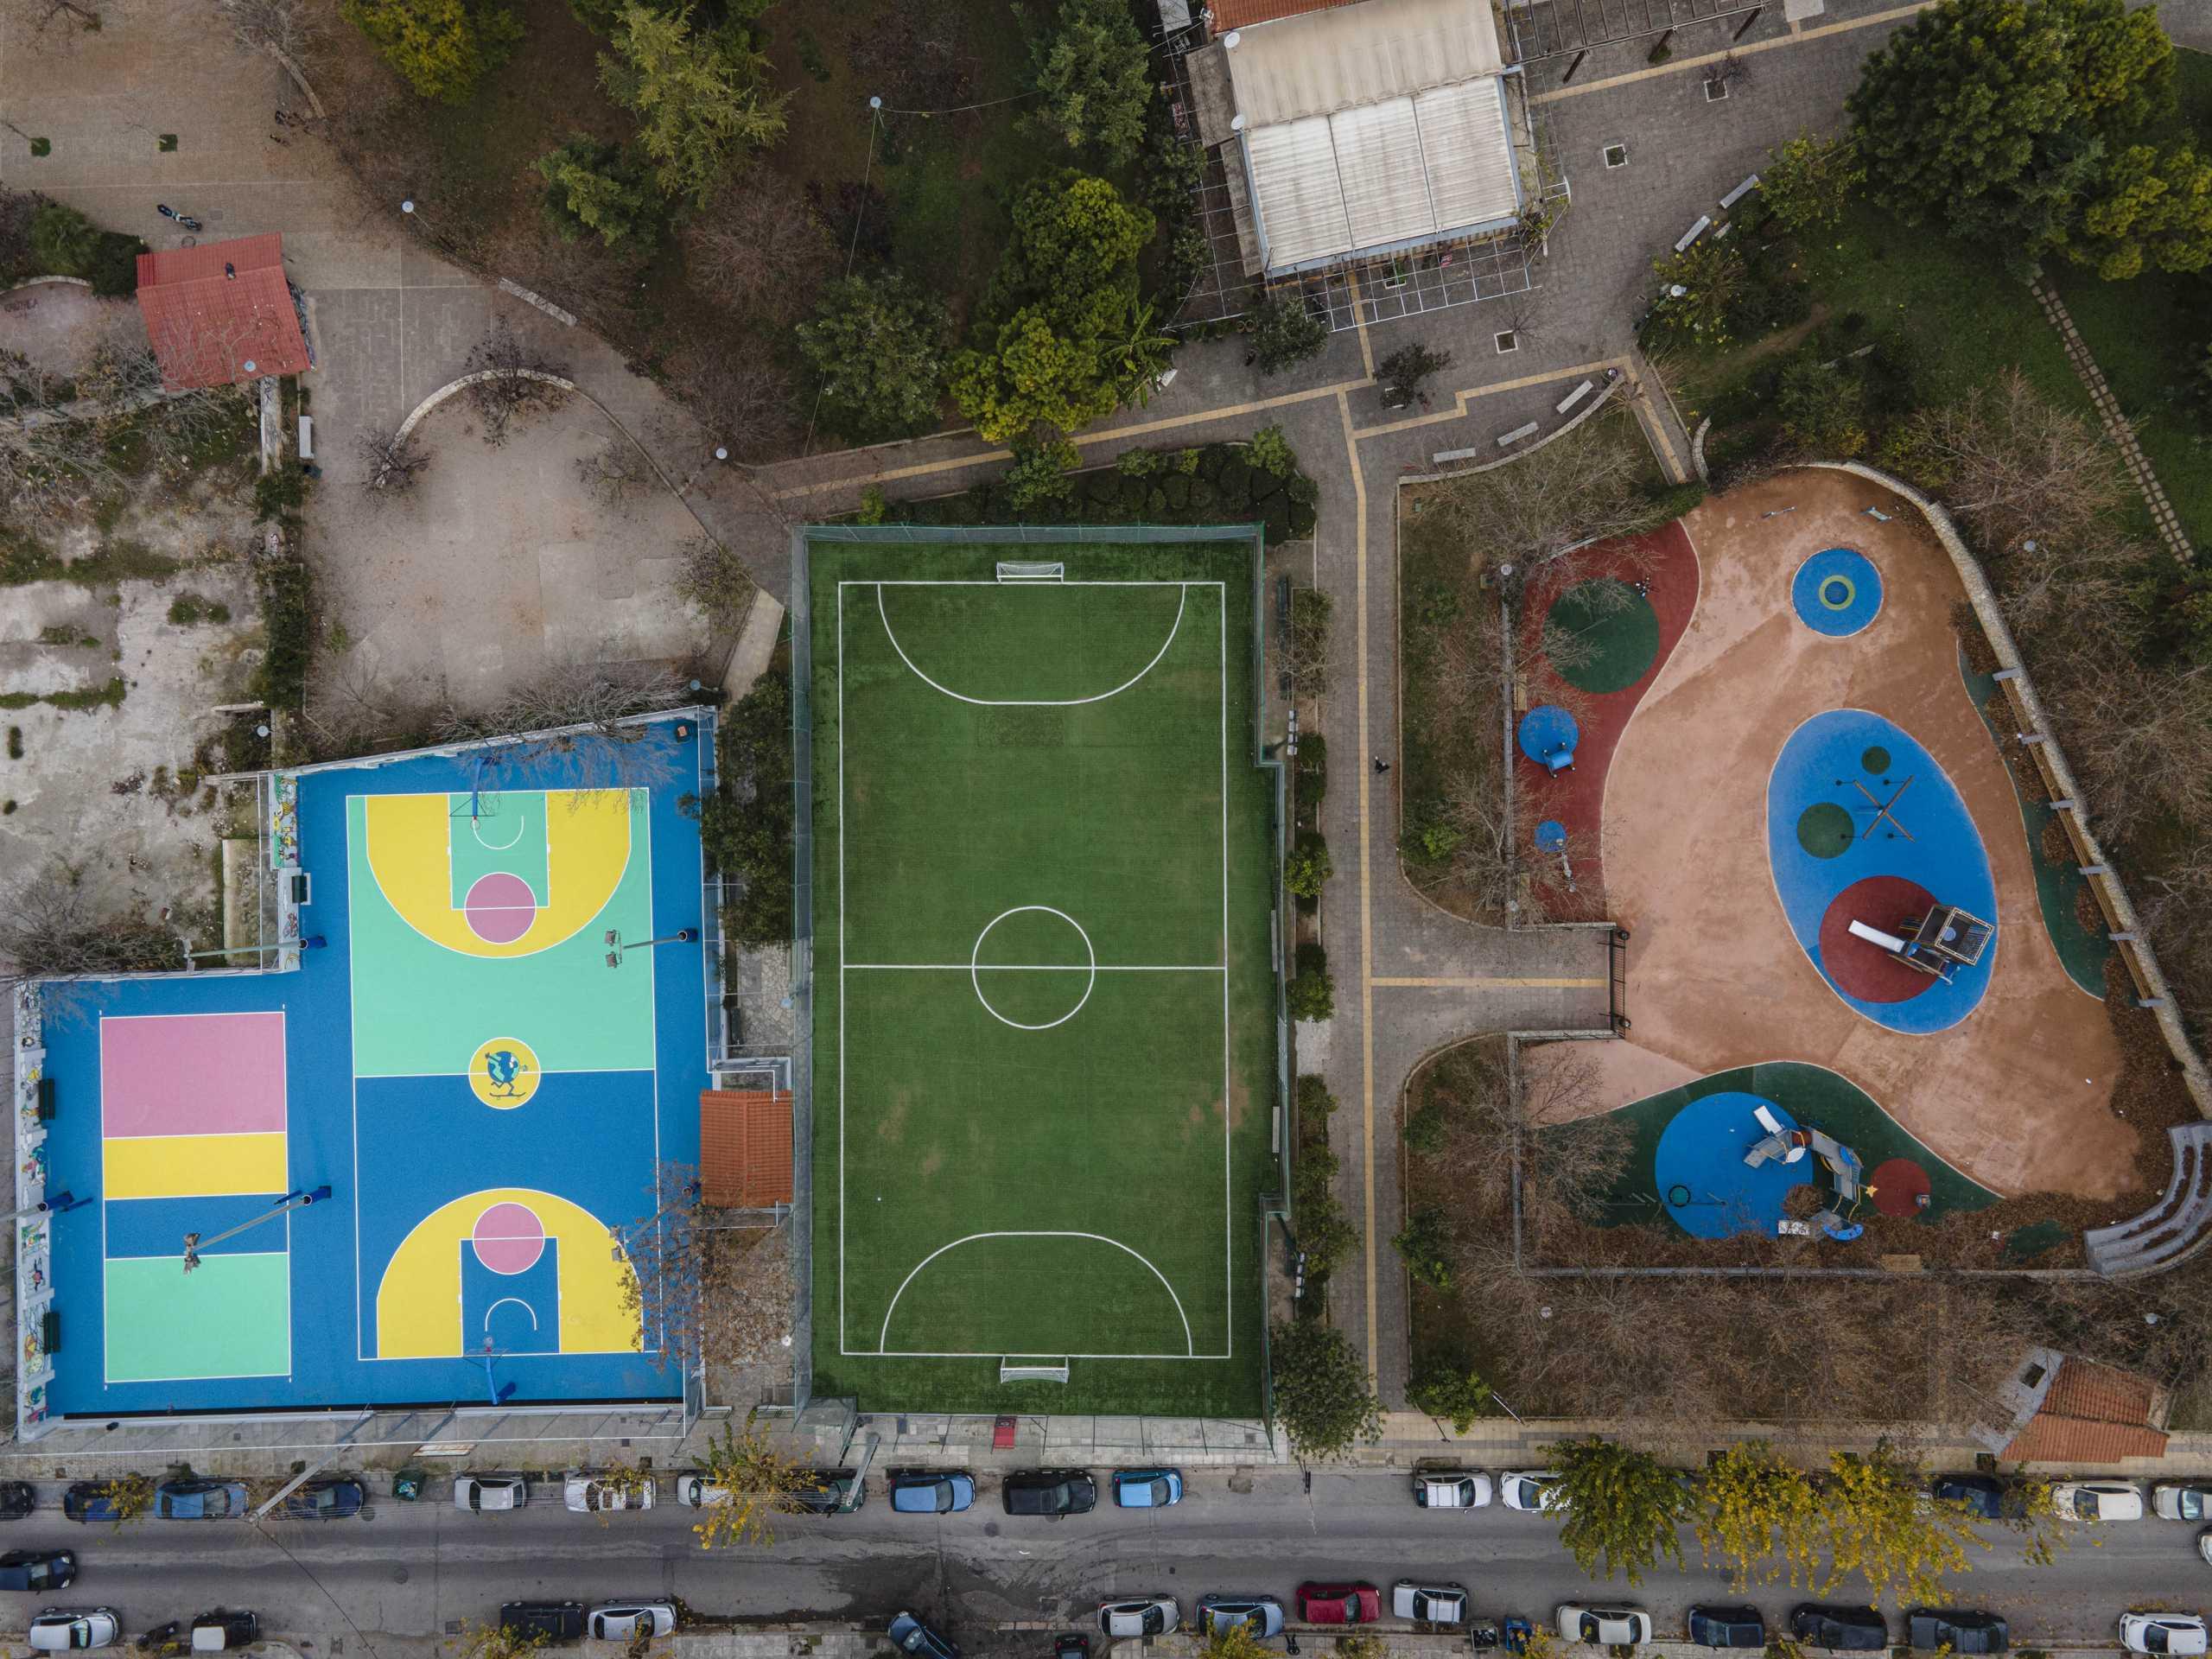 Ανακαινίστηκαν δύο Αθλητικά Κέντρα και δύο παιδικές χαρές στον Νέο Κόσμο